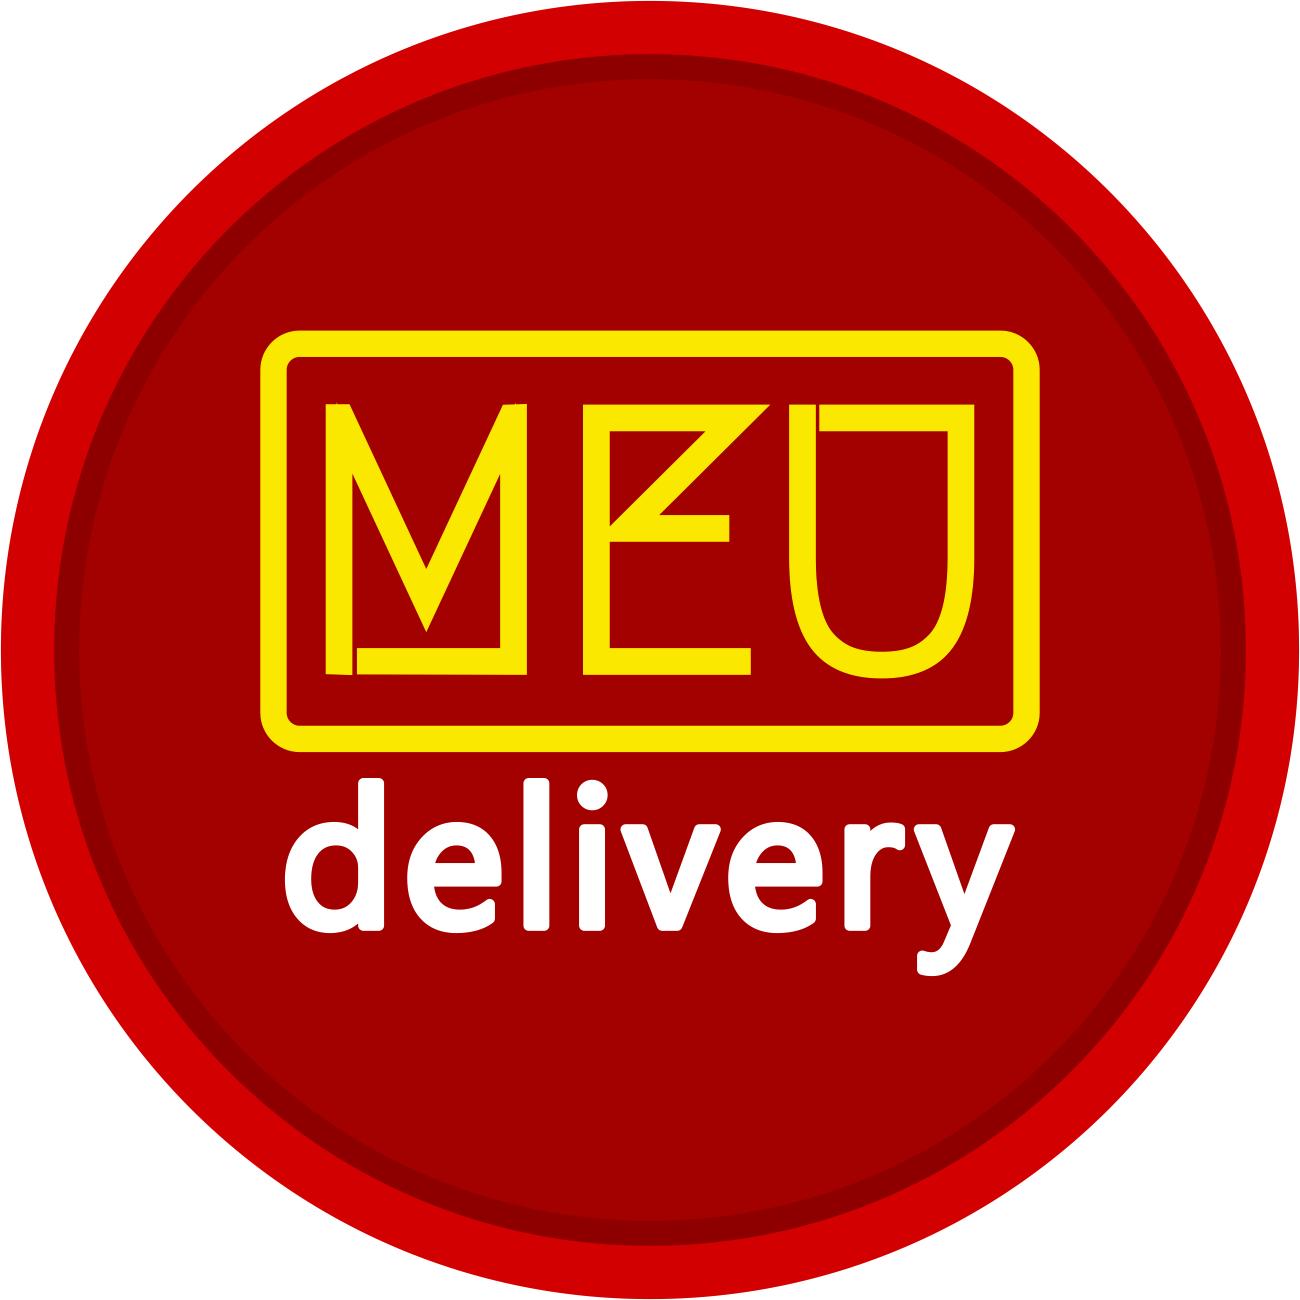 Meu delivery